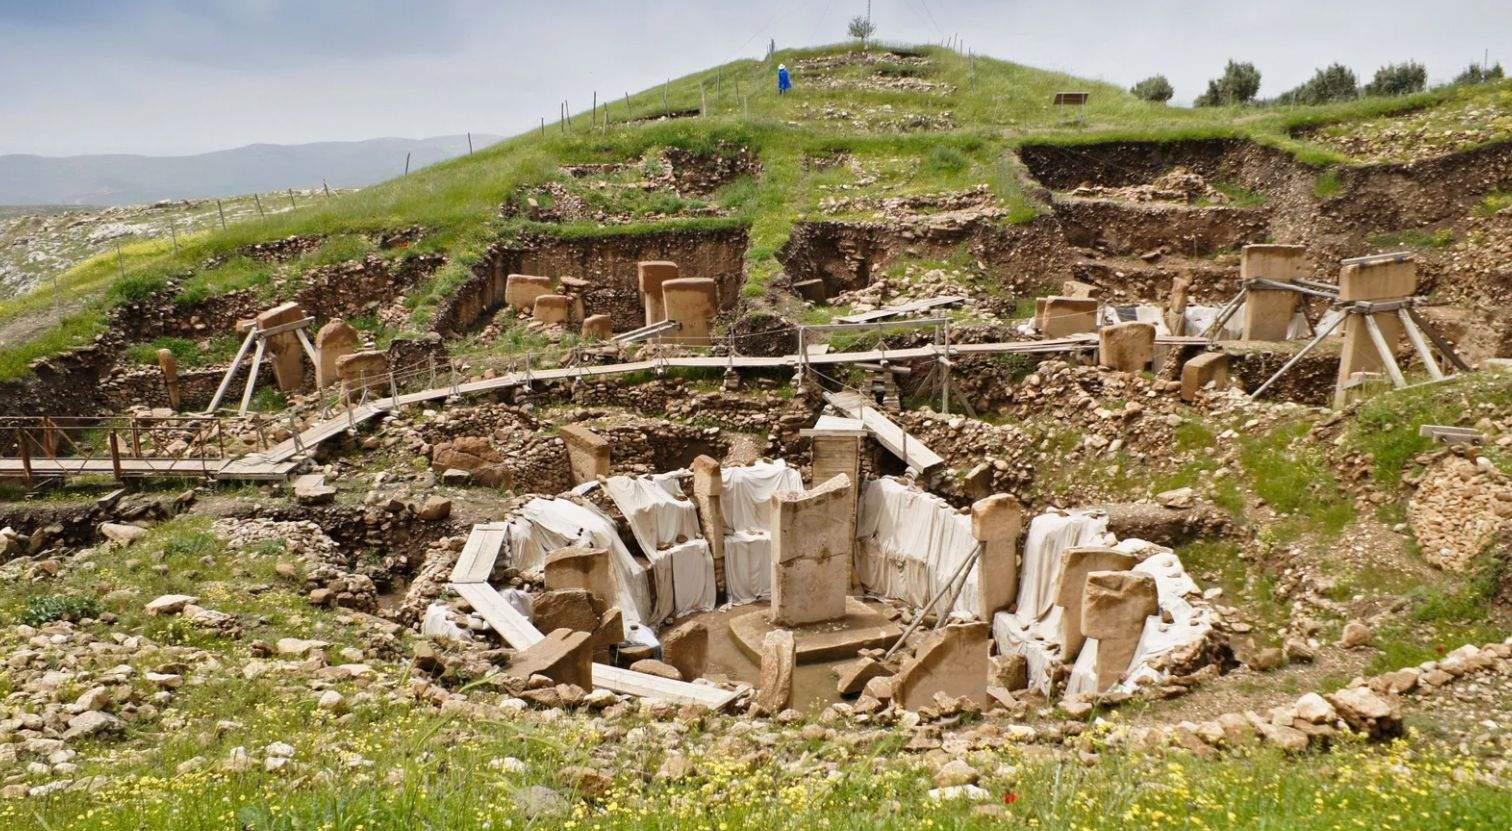 Кругові структури Гобеклі Тепе змінили погляд археологів на початки цивілізації